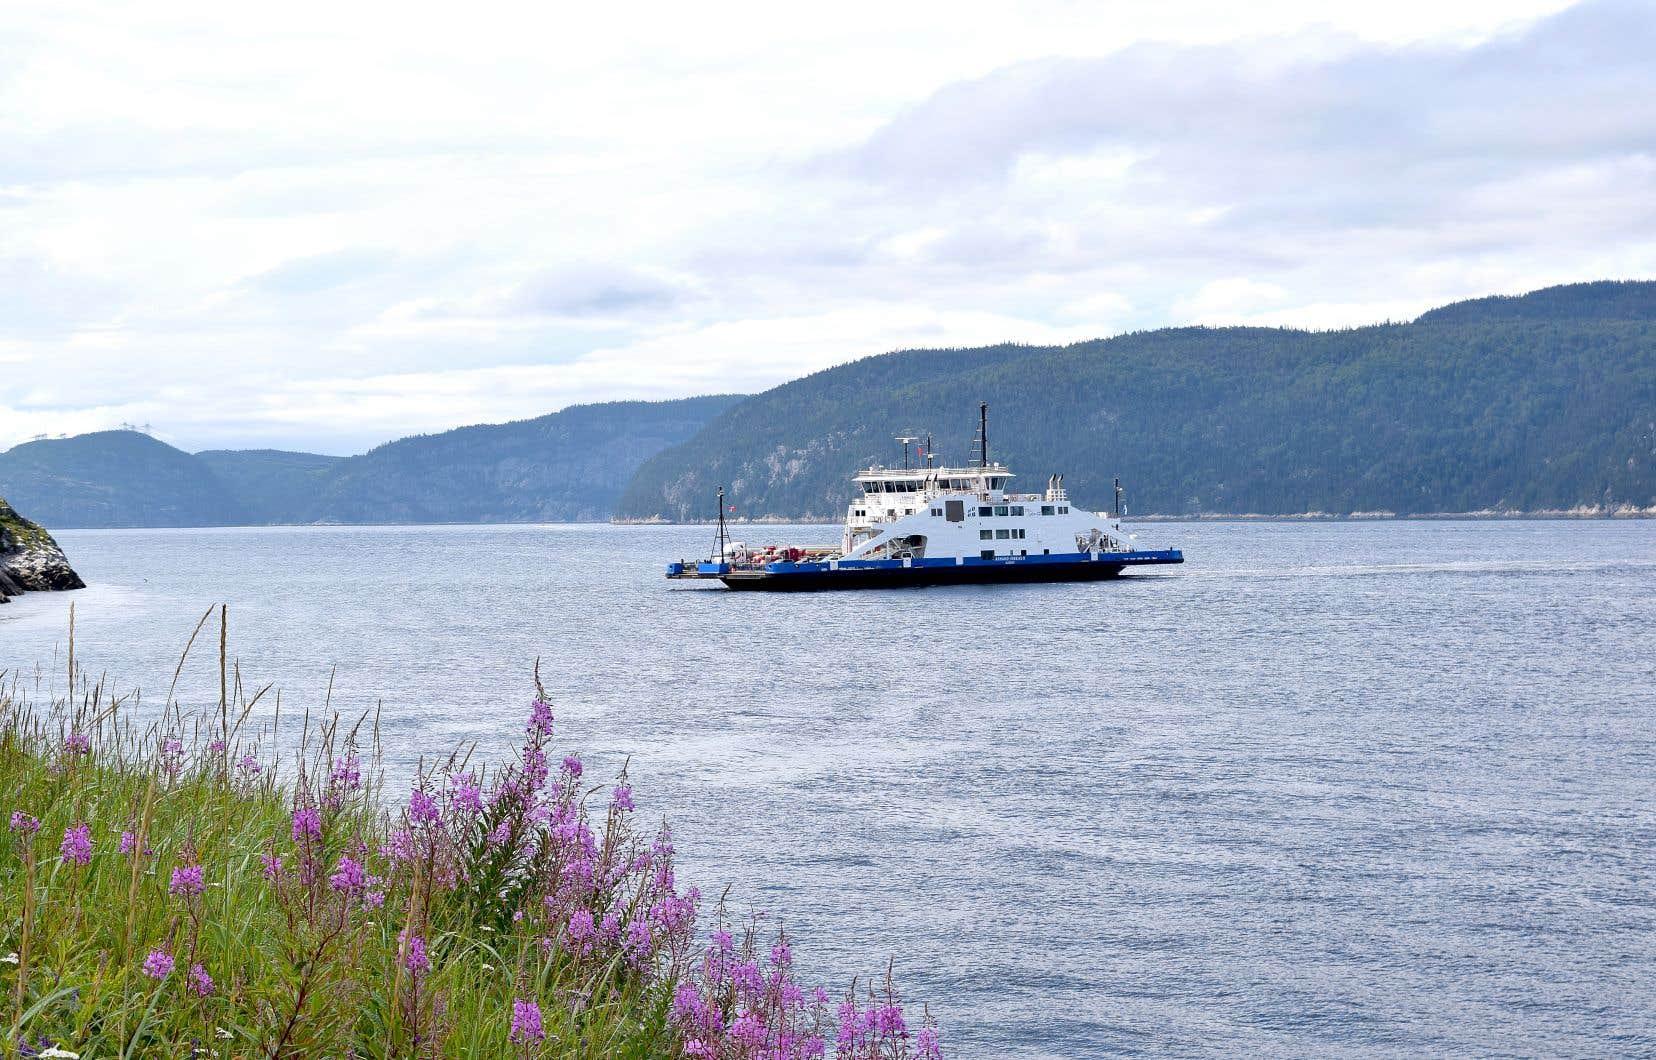 Le gaz naturel qui serait liquéfié par l'usine Énergie Saguenay serait exporté à bord de navires méthaniers qui traverseraient le seul parc marin du Québec, soit celui du Saguenay–Saint-Laurent. Selon les prévisions du promoteur, le projet impliquerait au moins 320 passages chaque année pour des navires de 300 mètres.